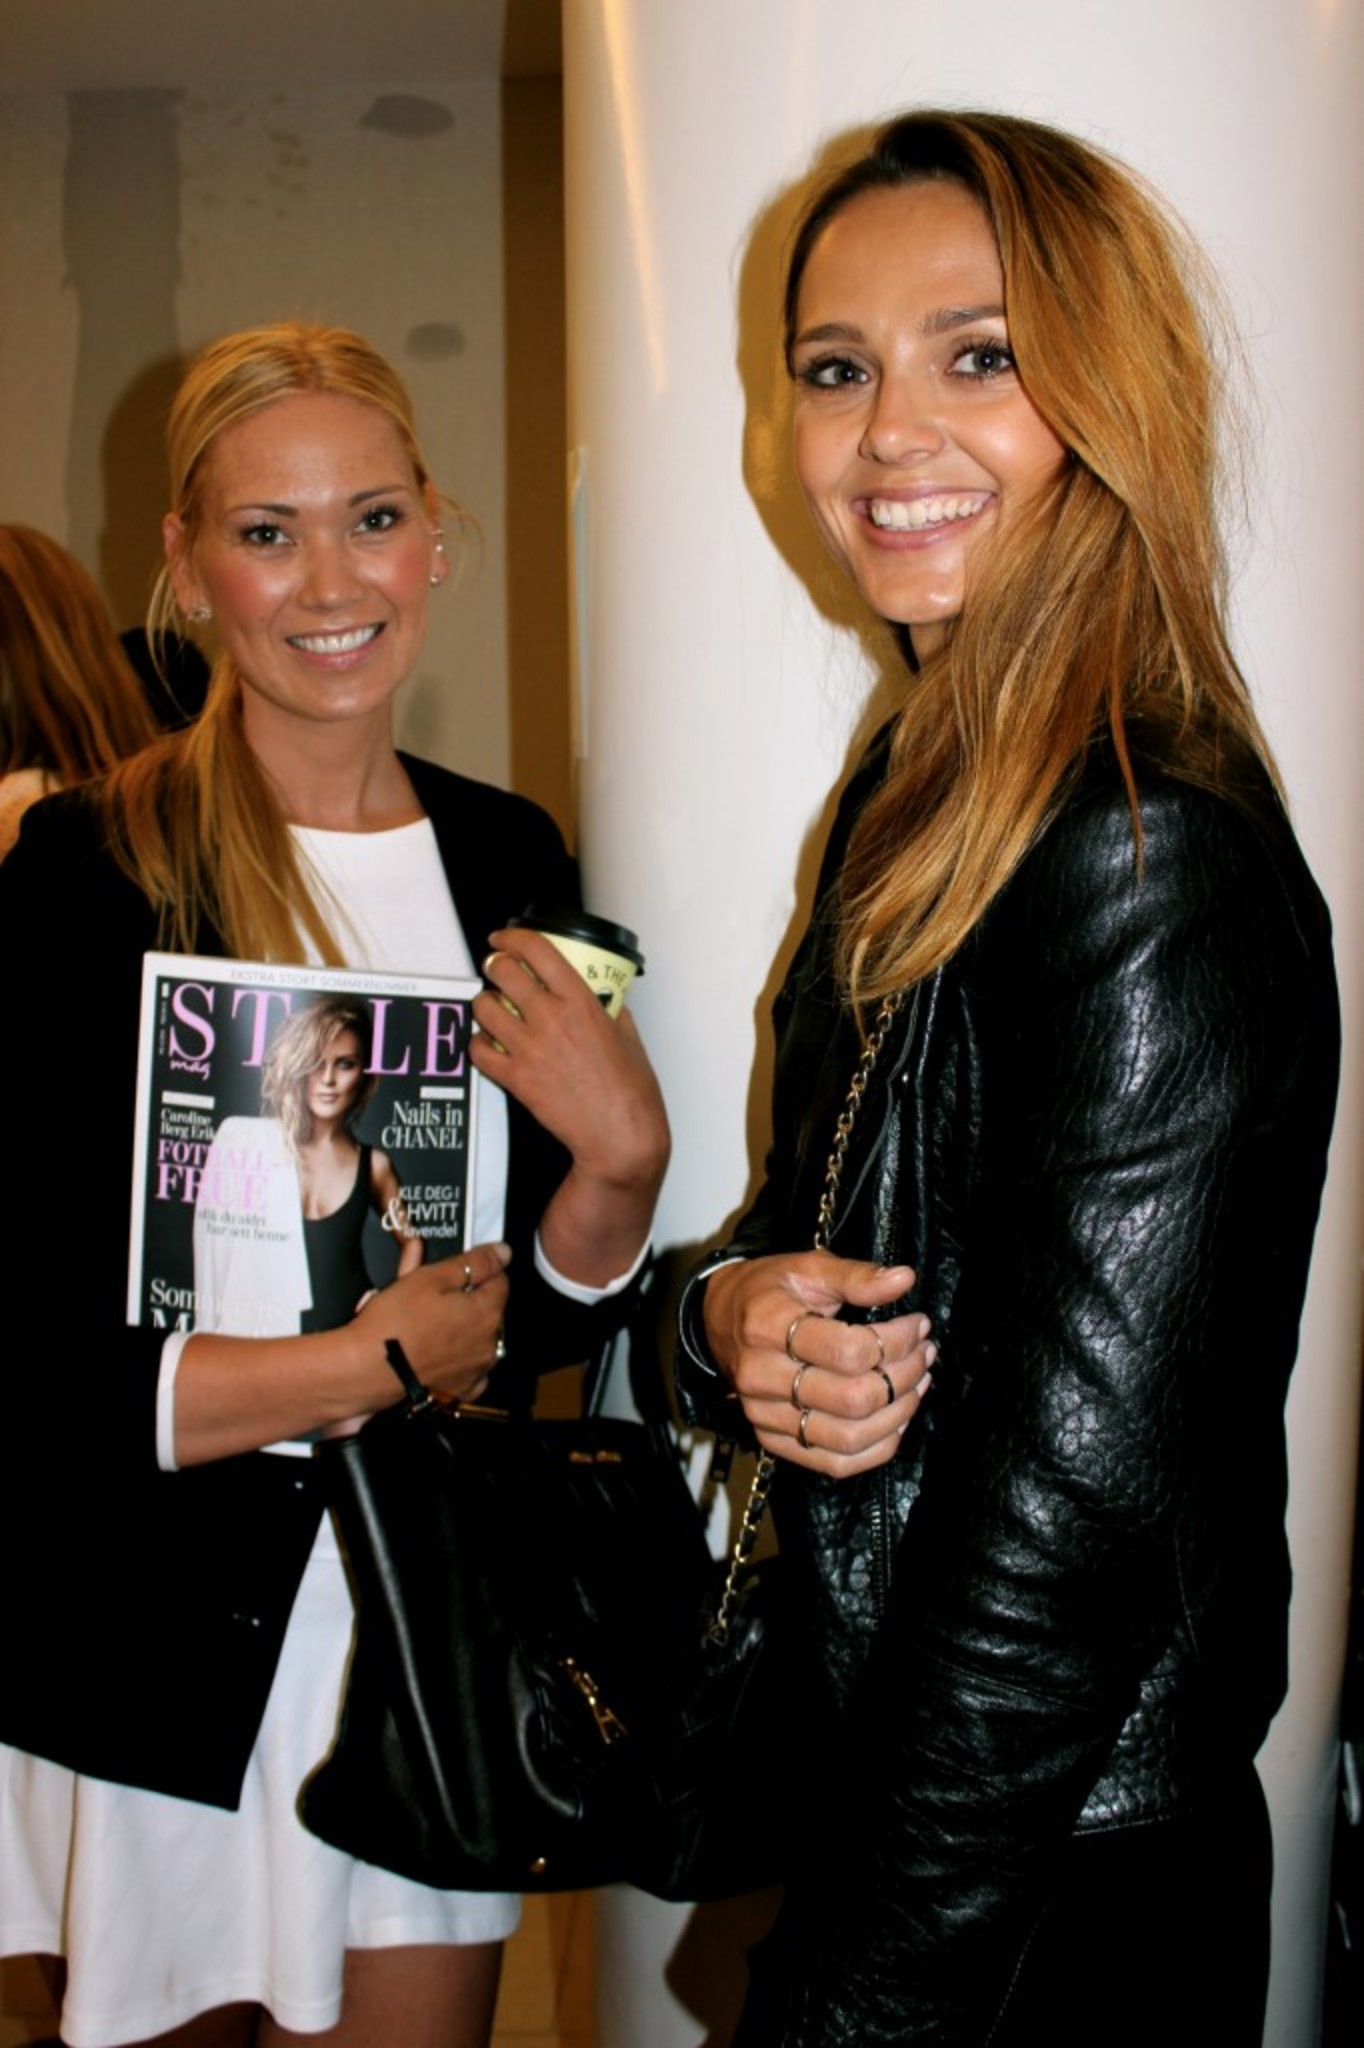 Marthe & Camilla!